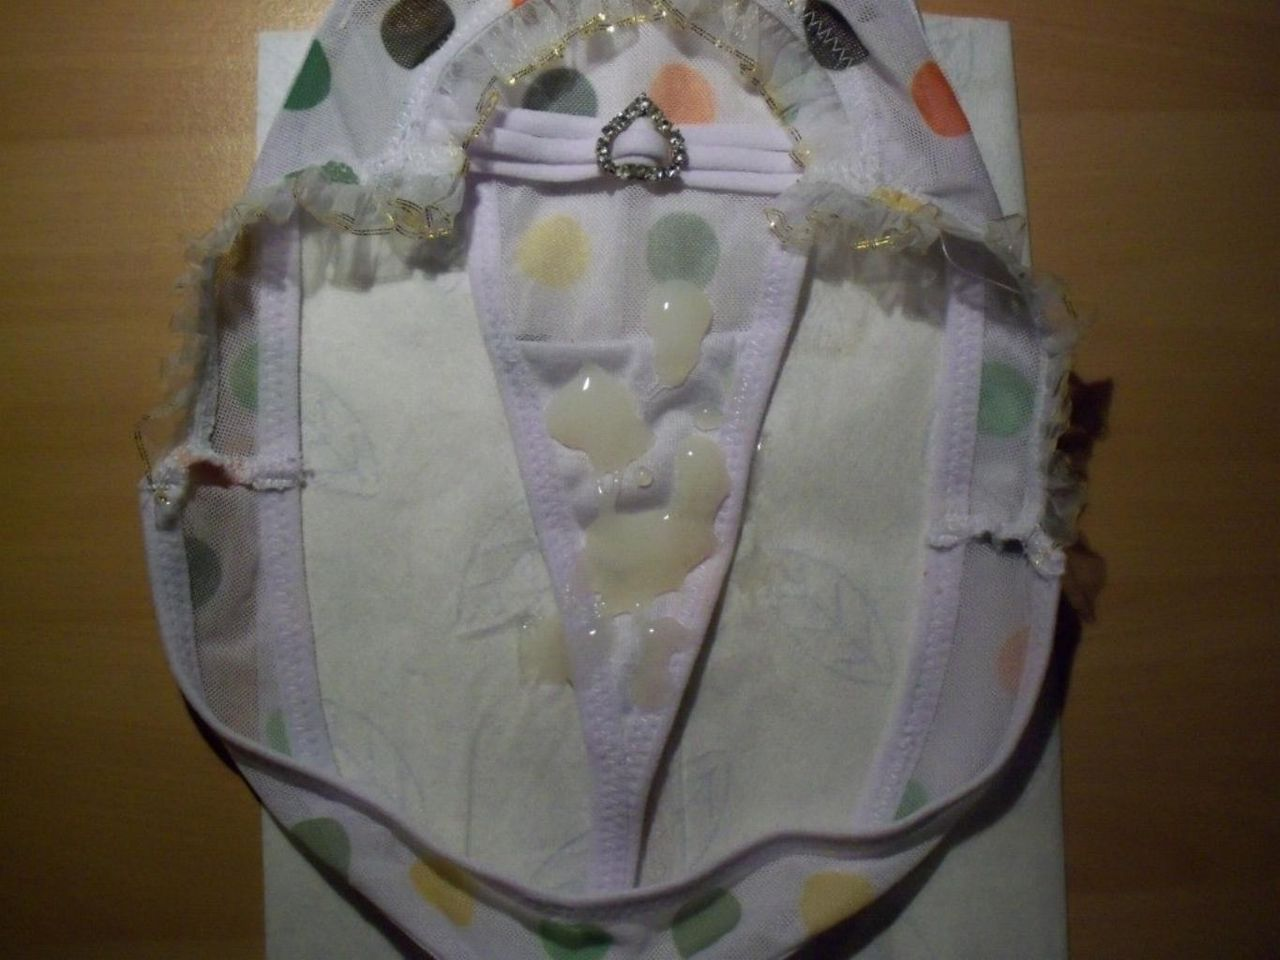 JC3のクロッチ汚れにパンコキ射精した兄のエロ画像7枚目